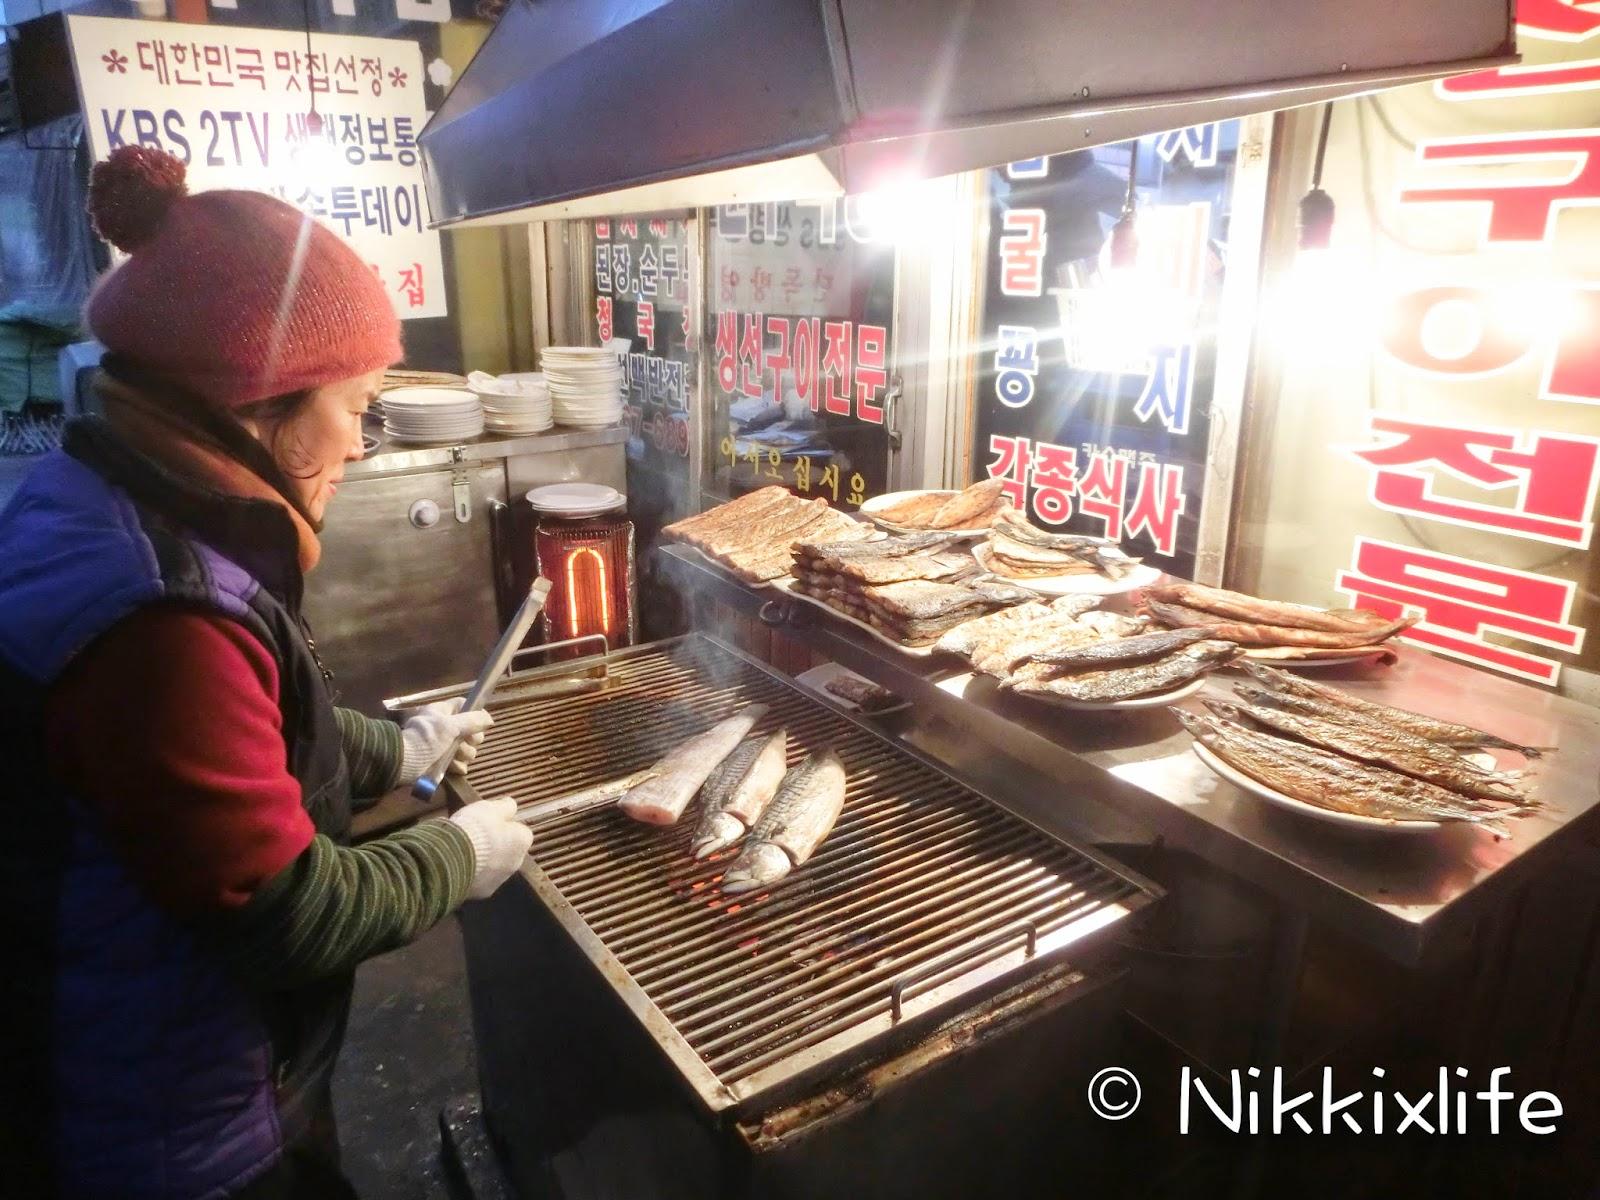 【首爾食記2015】東大門烤魚店全州食堂:即使以後很平凡這一節亦美好! 4